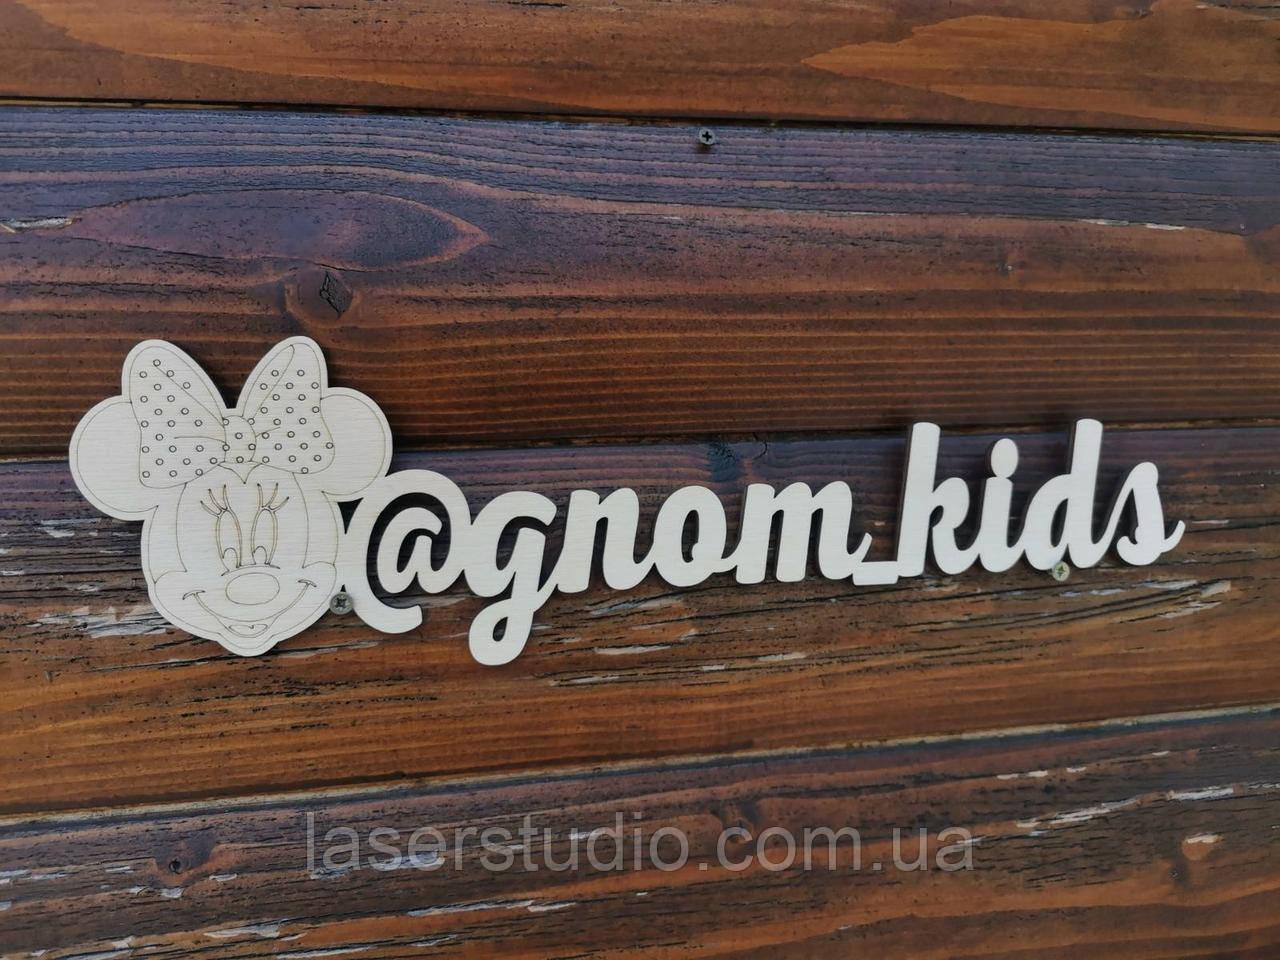 Имя из дерева. Деревянная надпись, хештеги, буквы, Вывески из дерева. Логотип бренда из фанеры